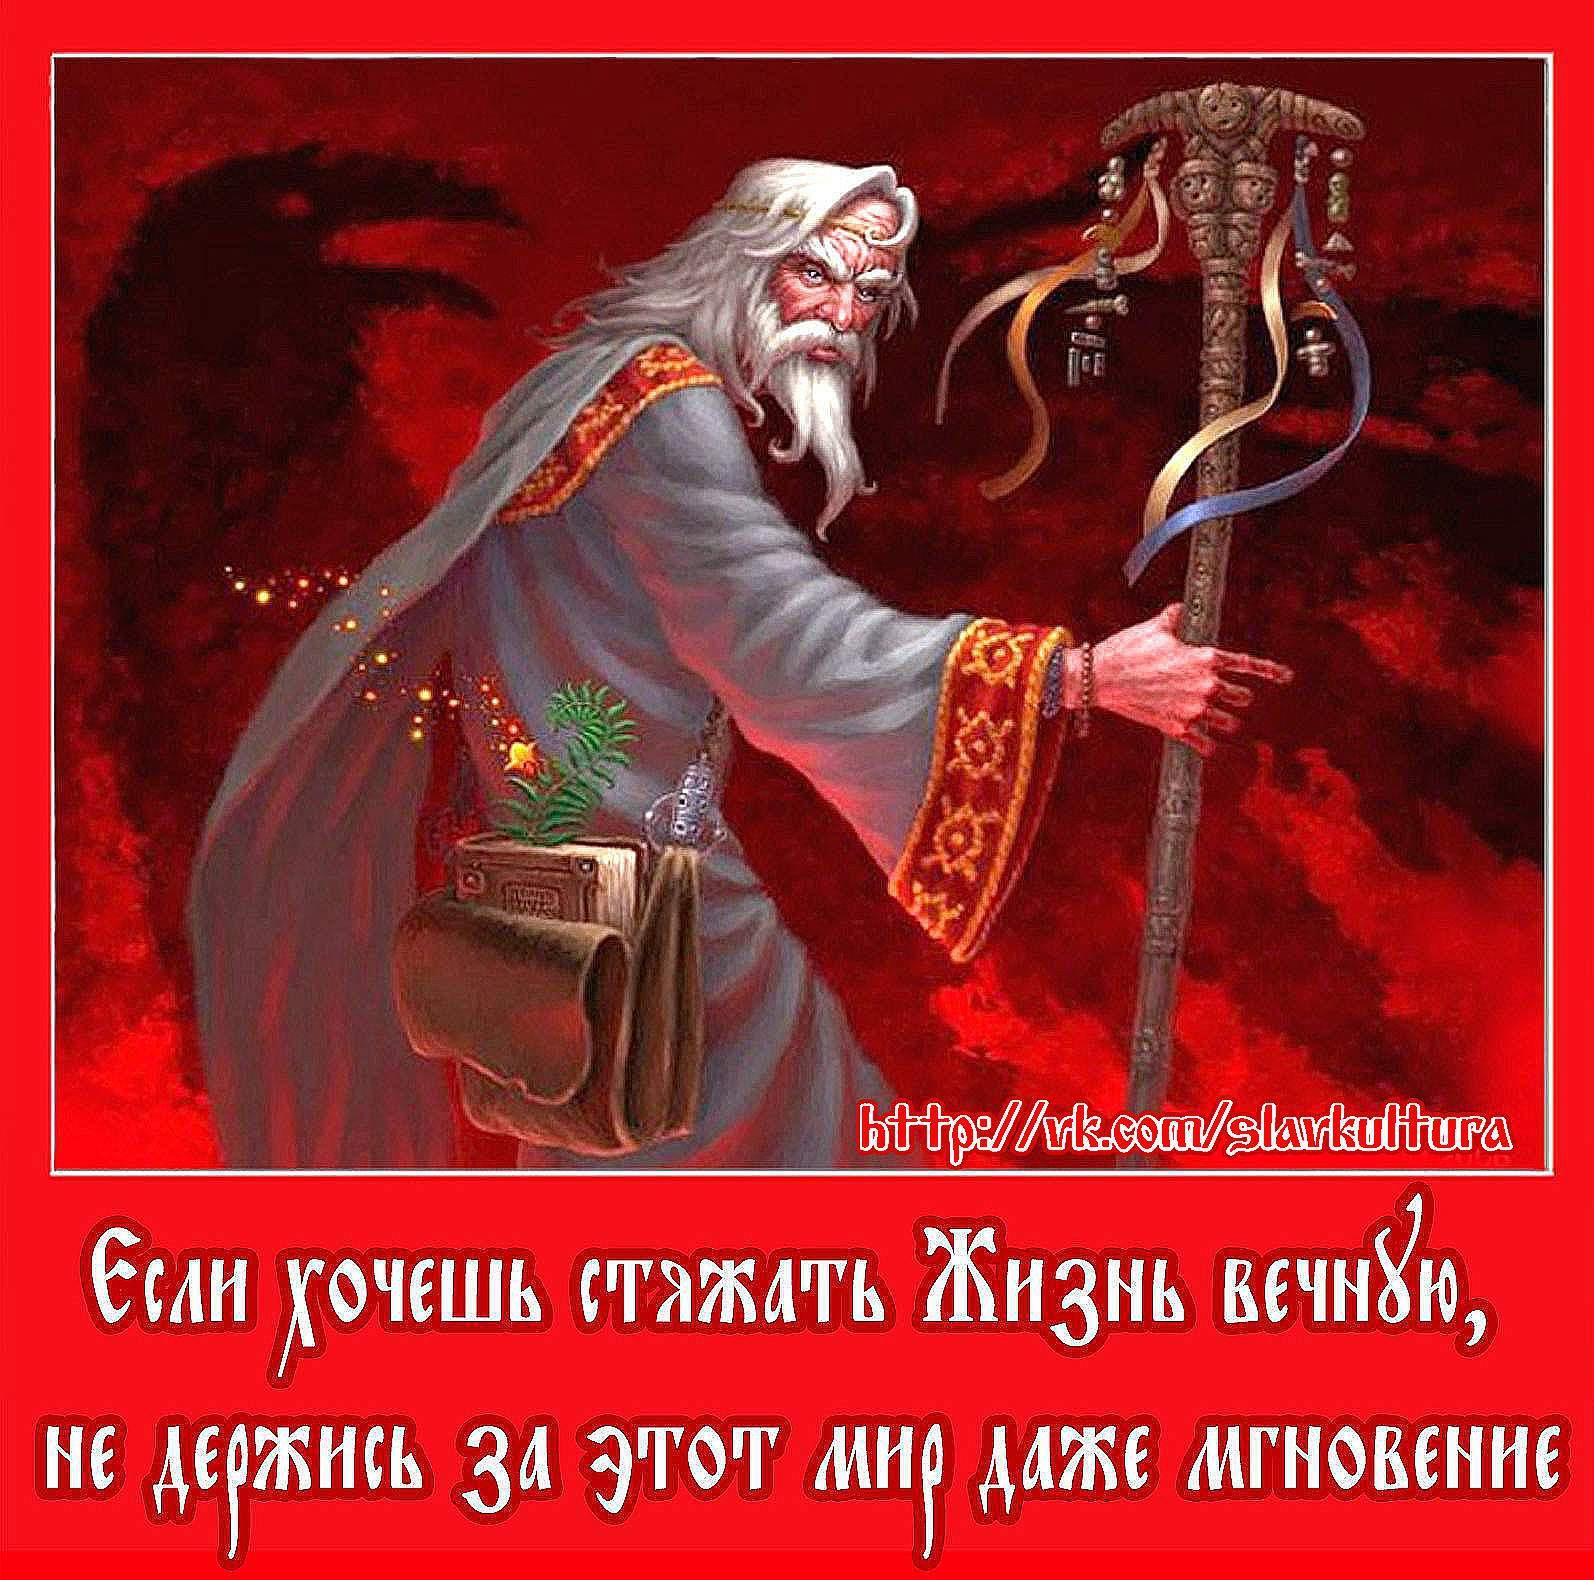 впечатлена картинки со славянскими богами и выражениями свадьбу хочется удивить